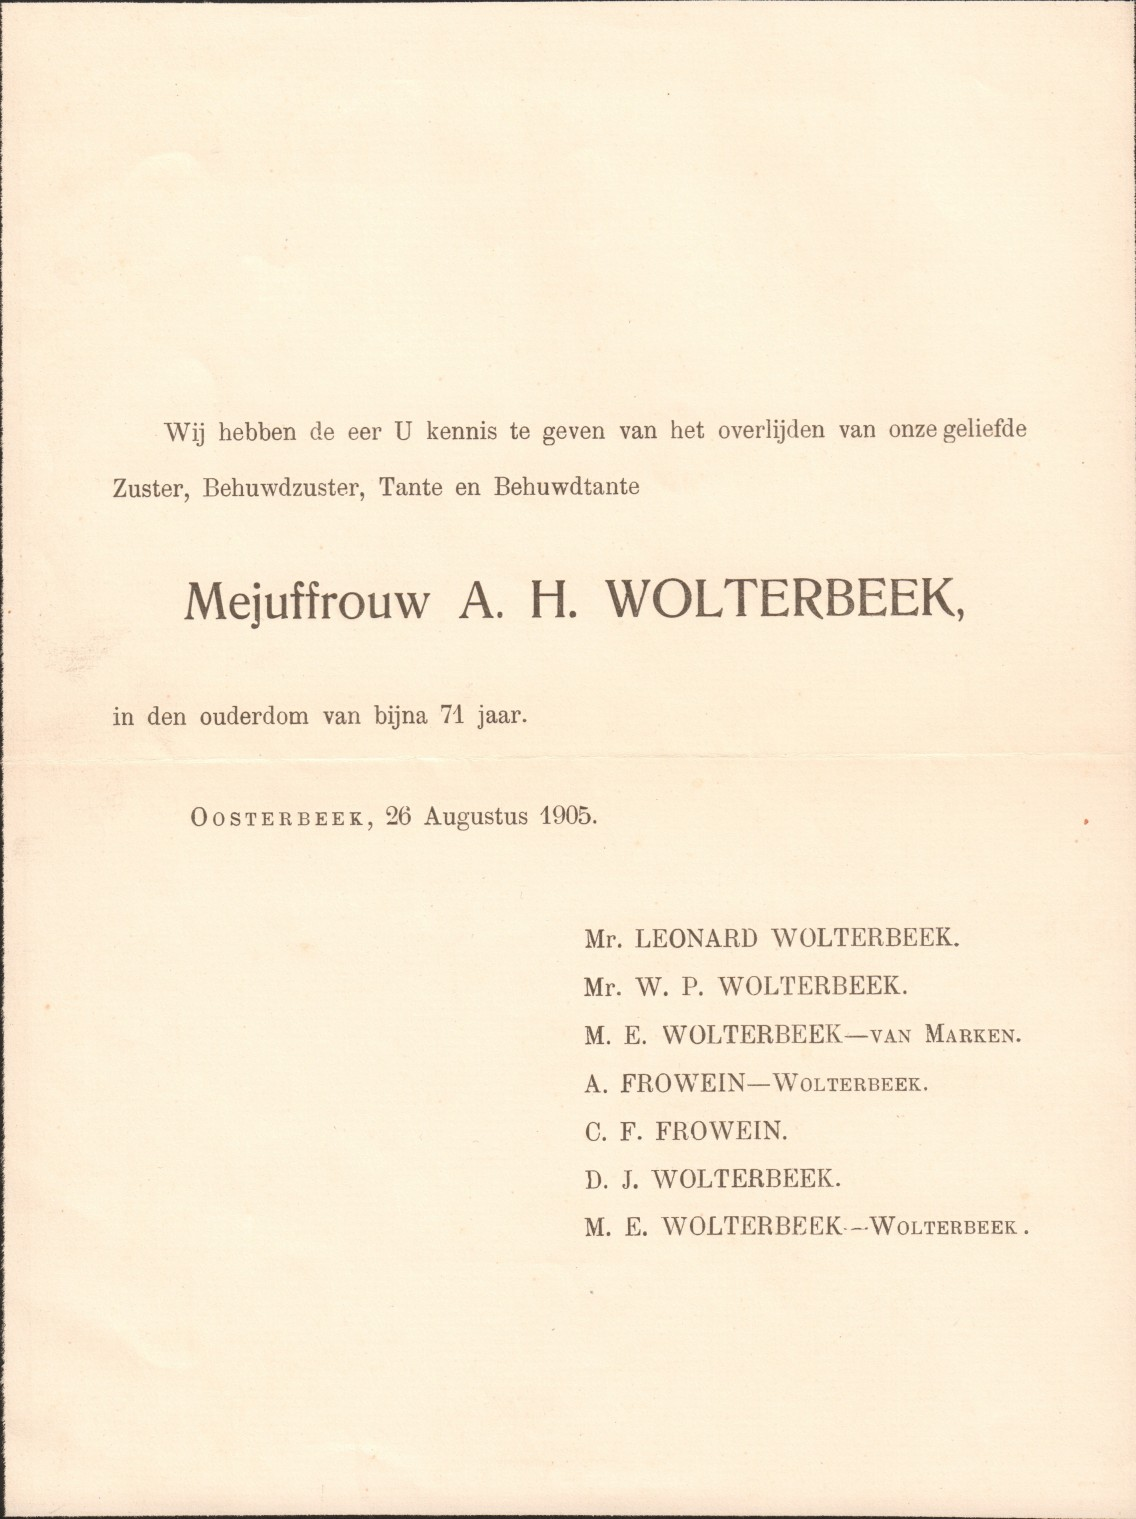 Het overlijdensbericht van Anna Wolterbeek